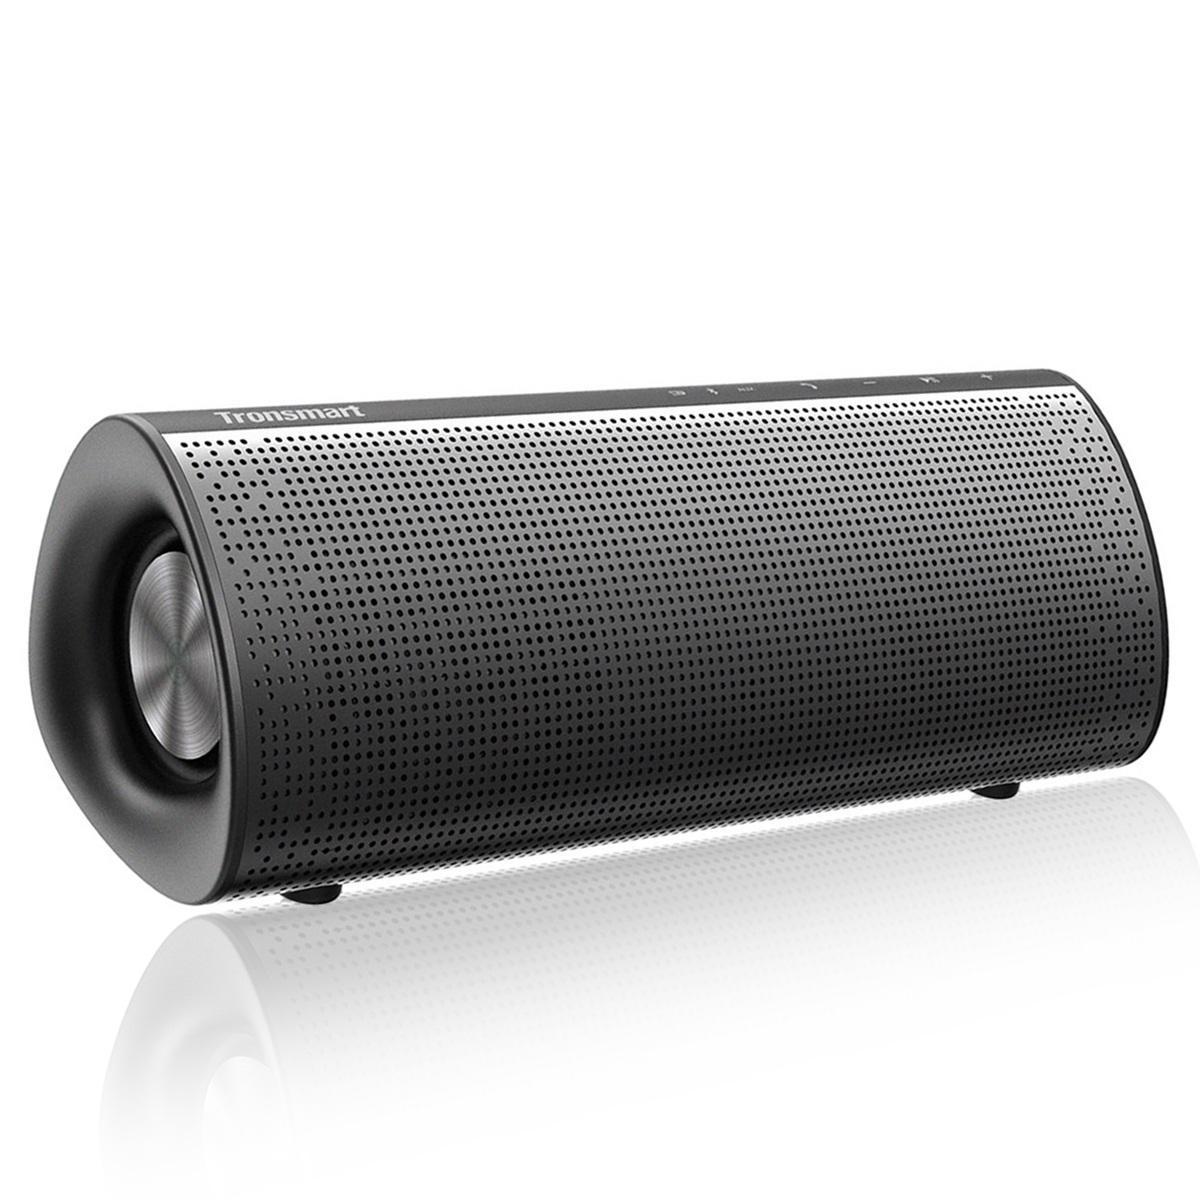 Altoparlante bluetooth senza fili Tronsmart Element Pixie 15W Altoparlante stereo basso 4000mAh TWS con microfono